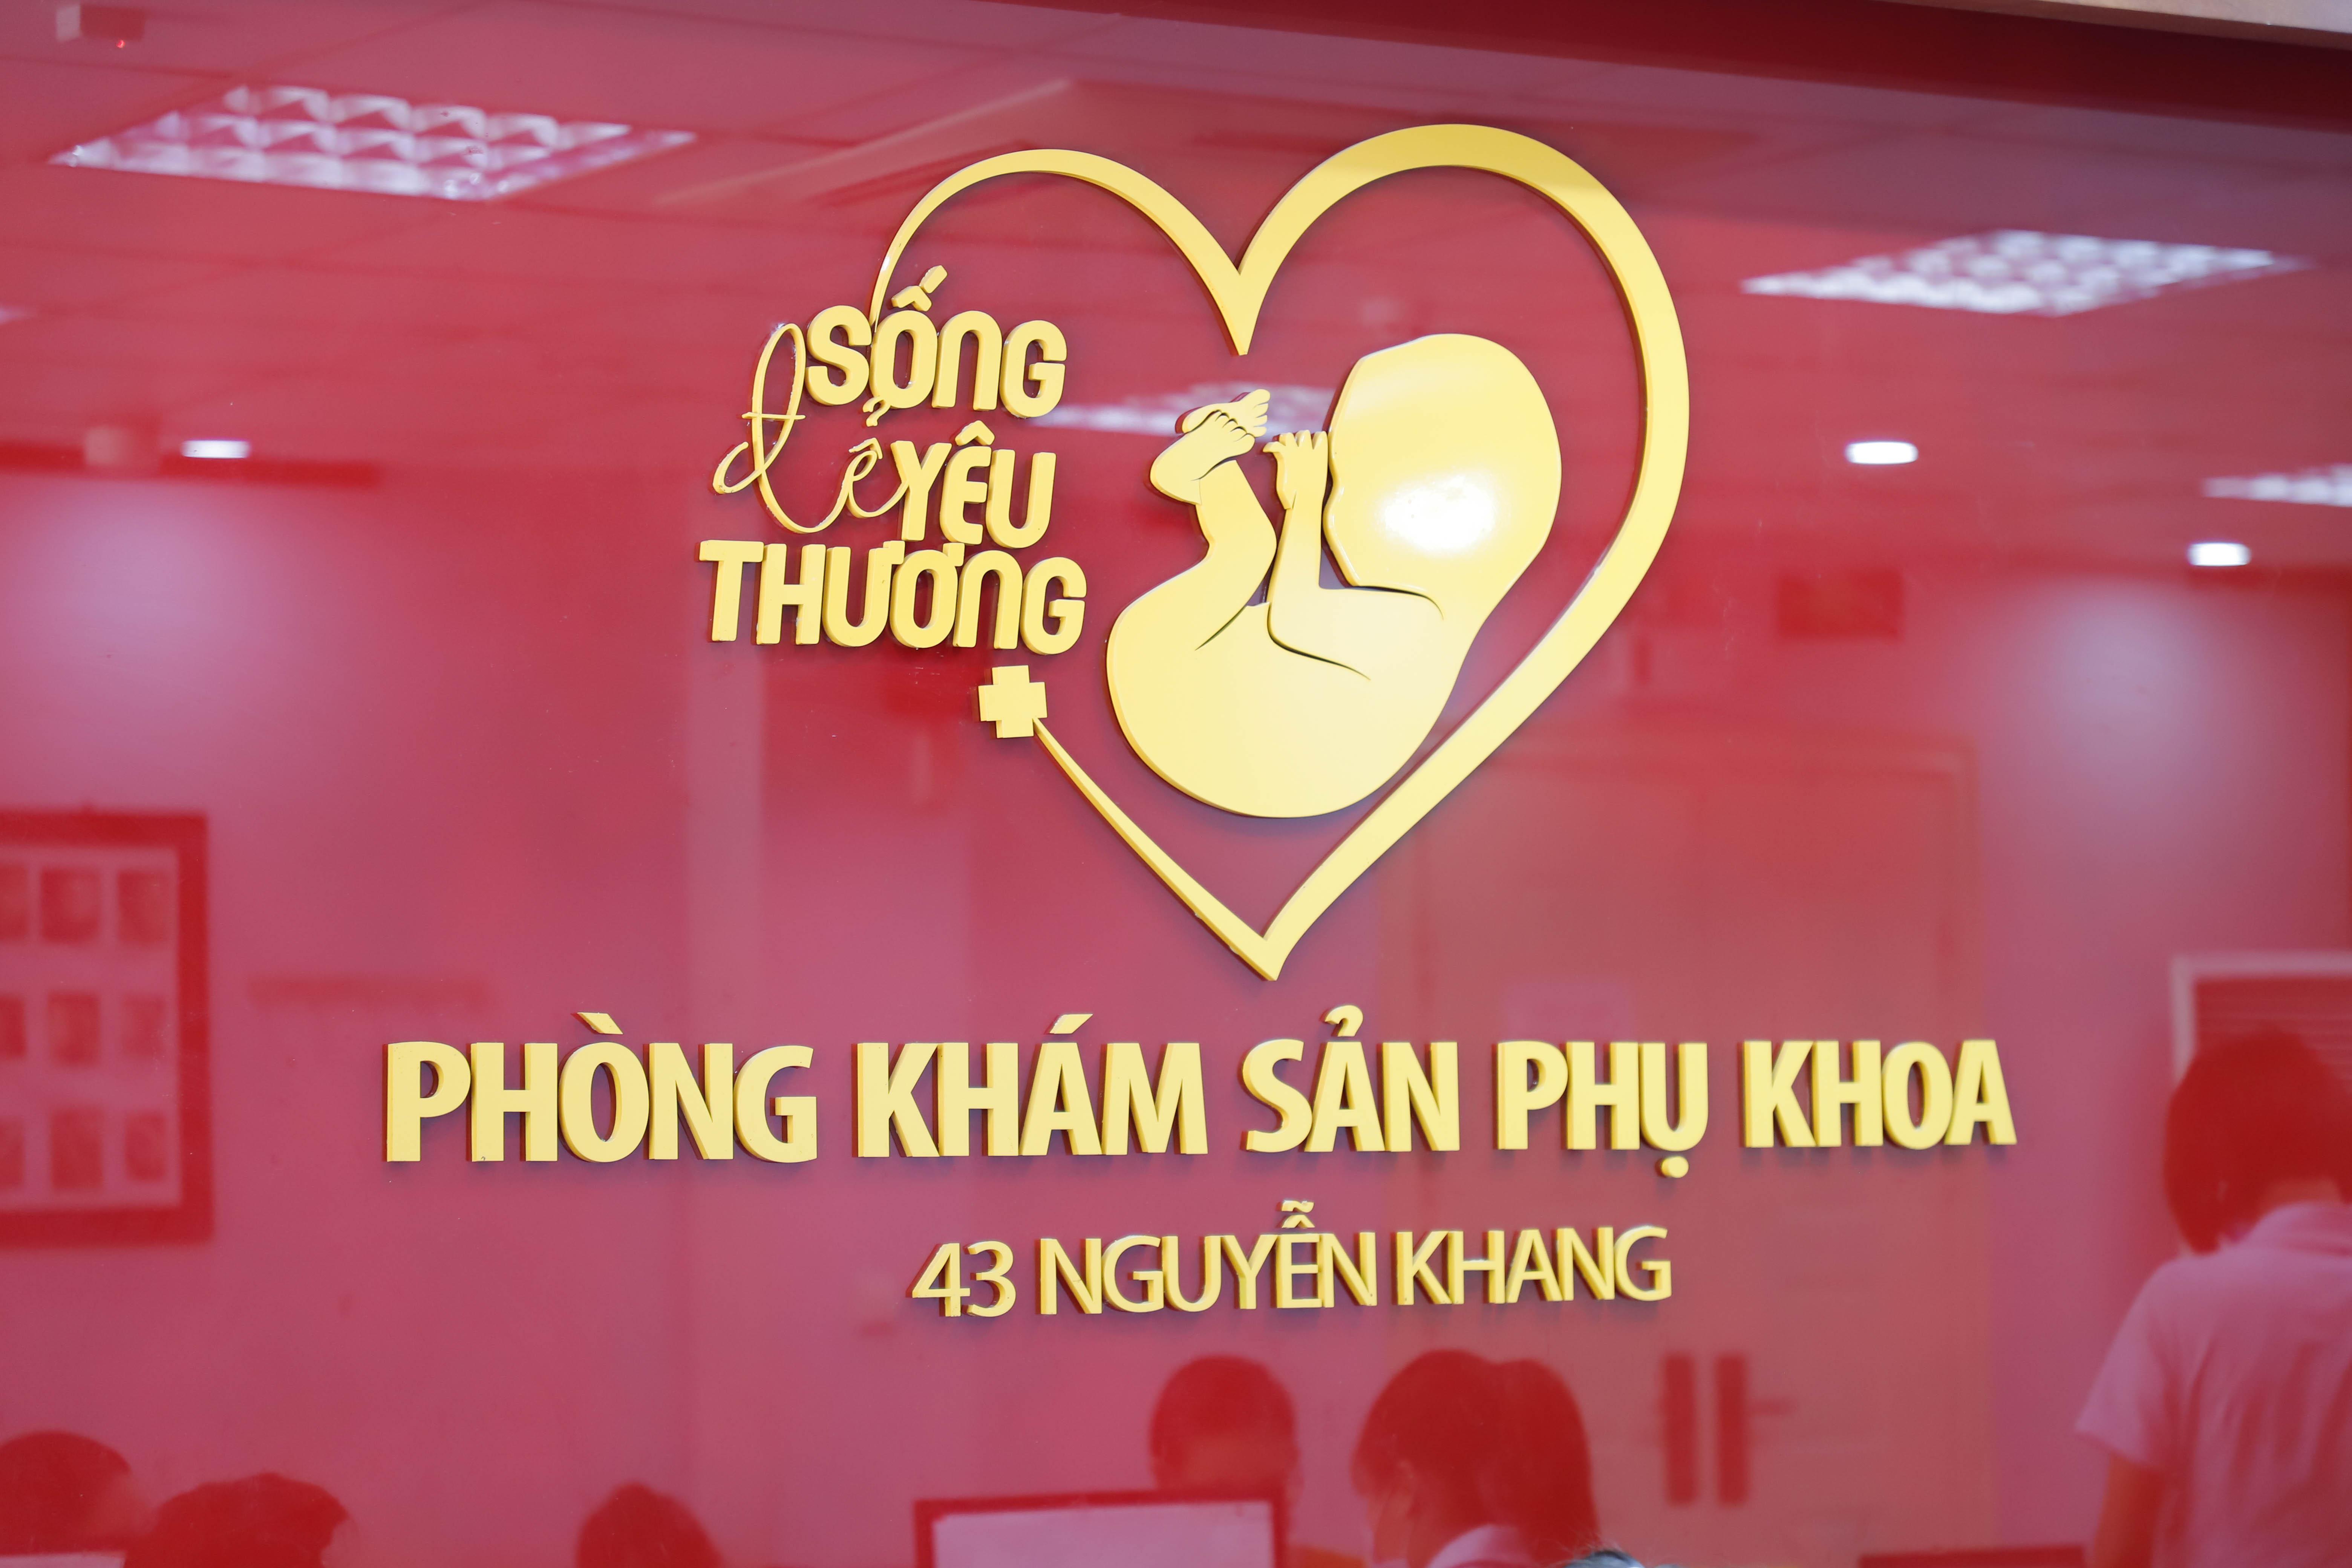 Những điều bí mật của phòng khám sản phụ khoa 43 Nguyễn Khang